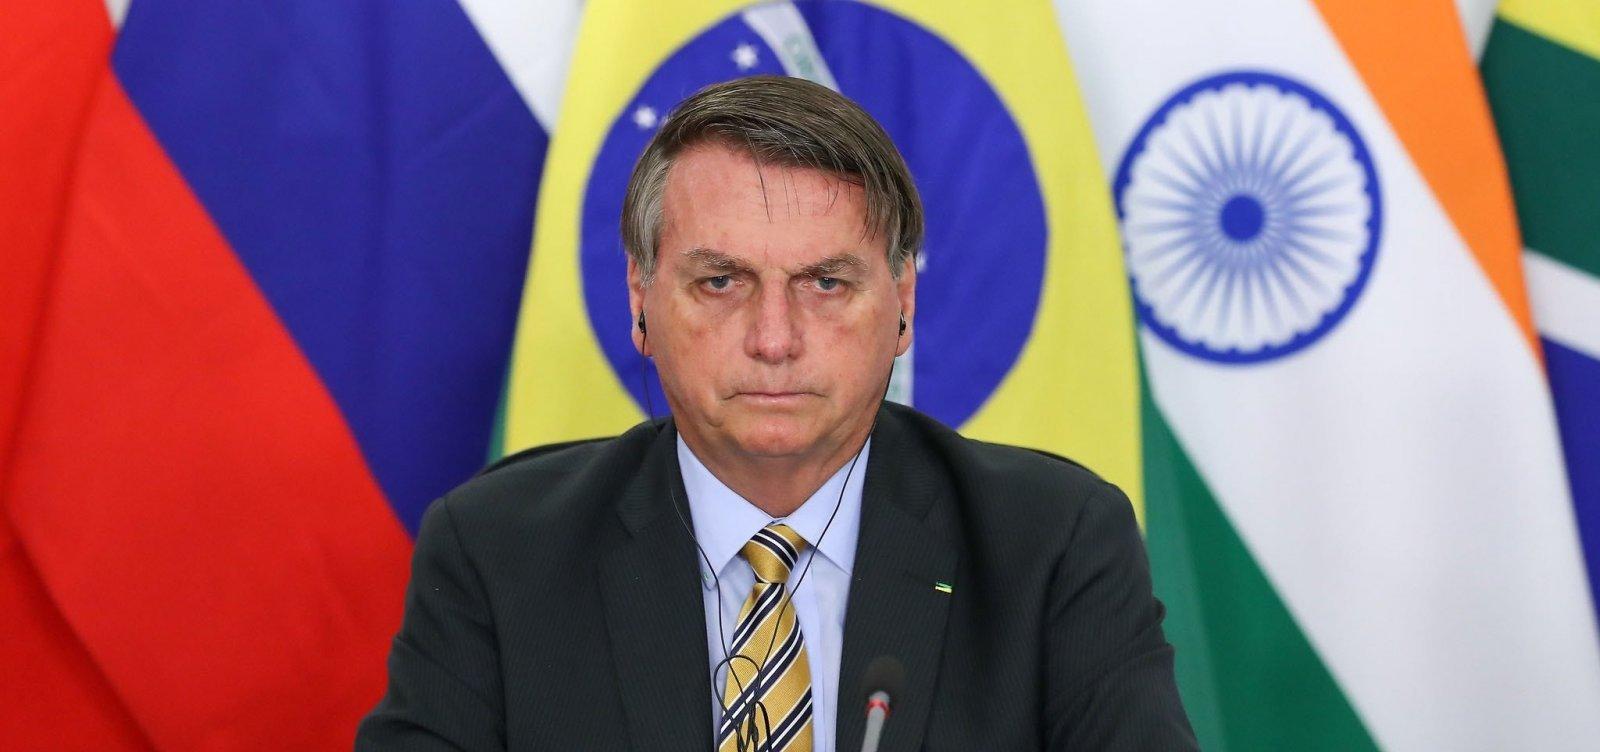 [Um dia após falar em possibilidade de recriar ministérios, Bolsonaro nega intenção de reabertura]